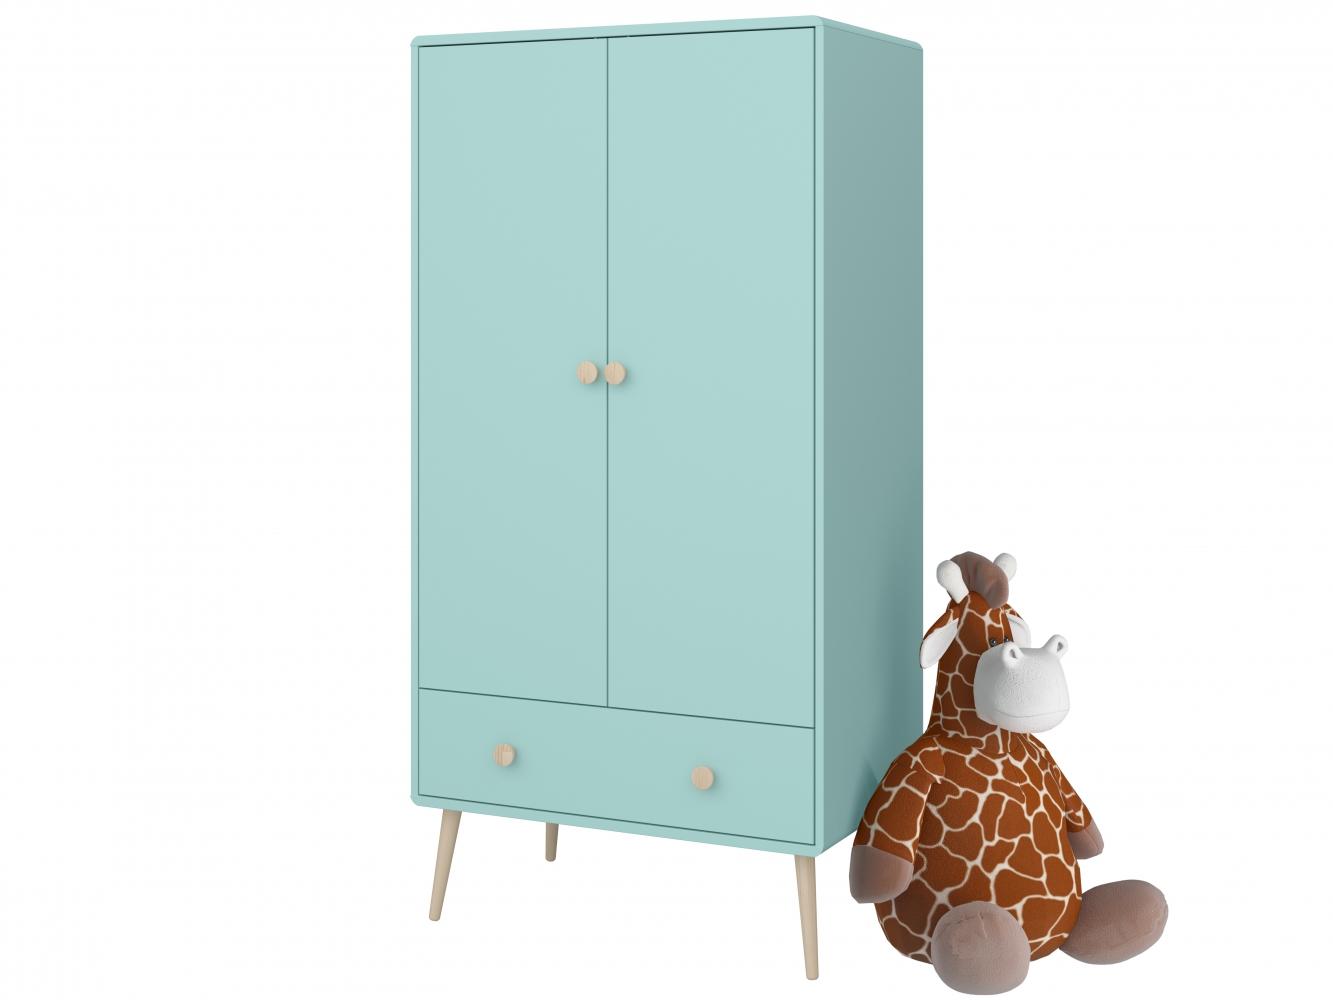 Šatní skříň Adel, 159 cm, tyrkysová